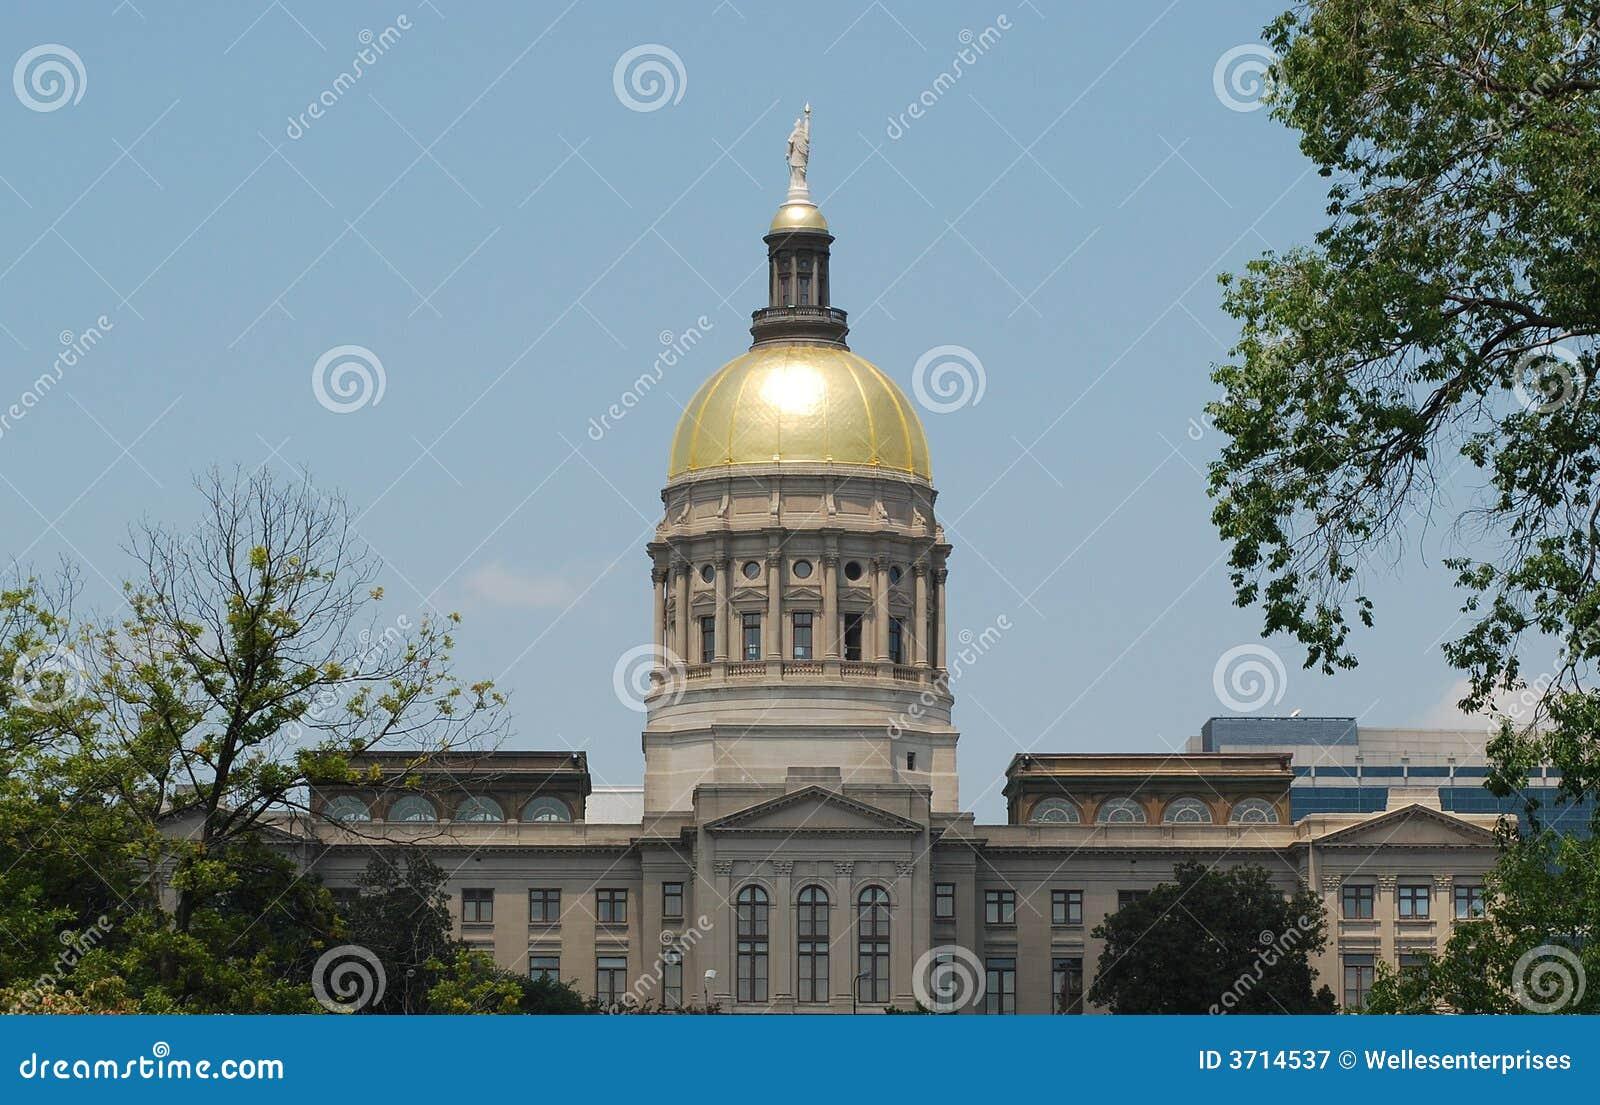 Het Capitool van de Staat van Georgië